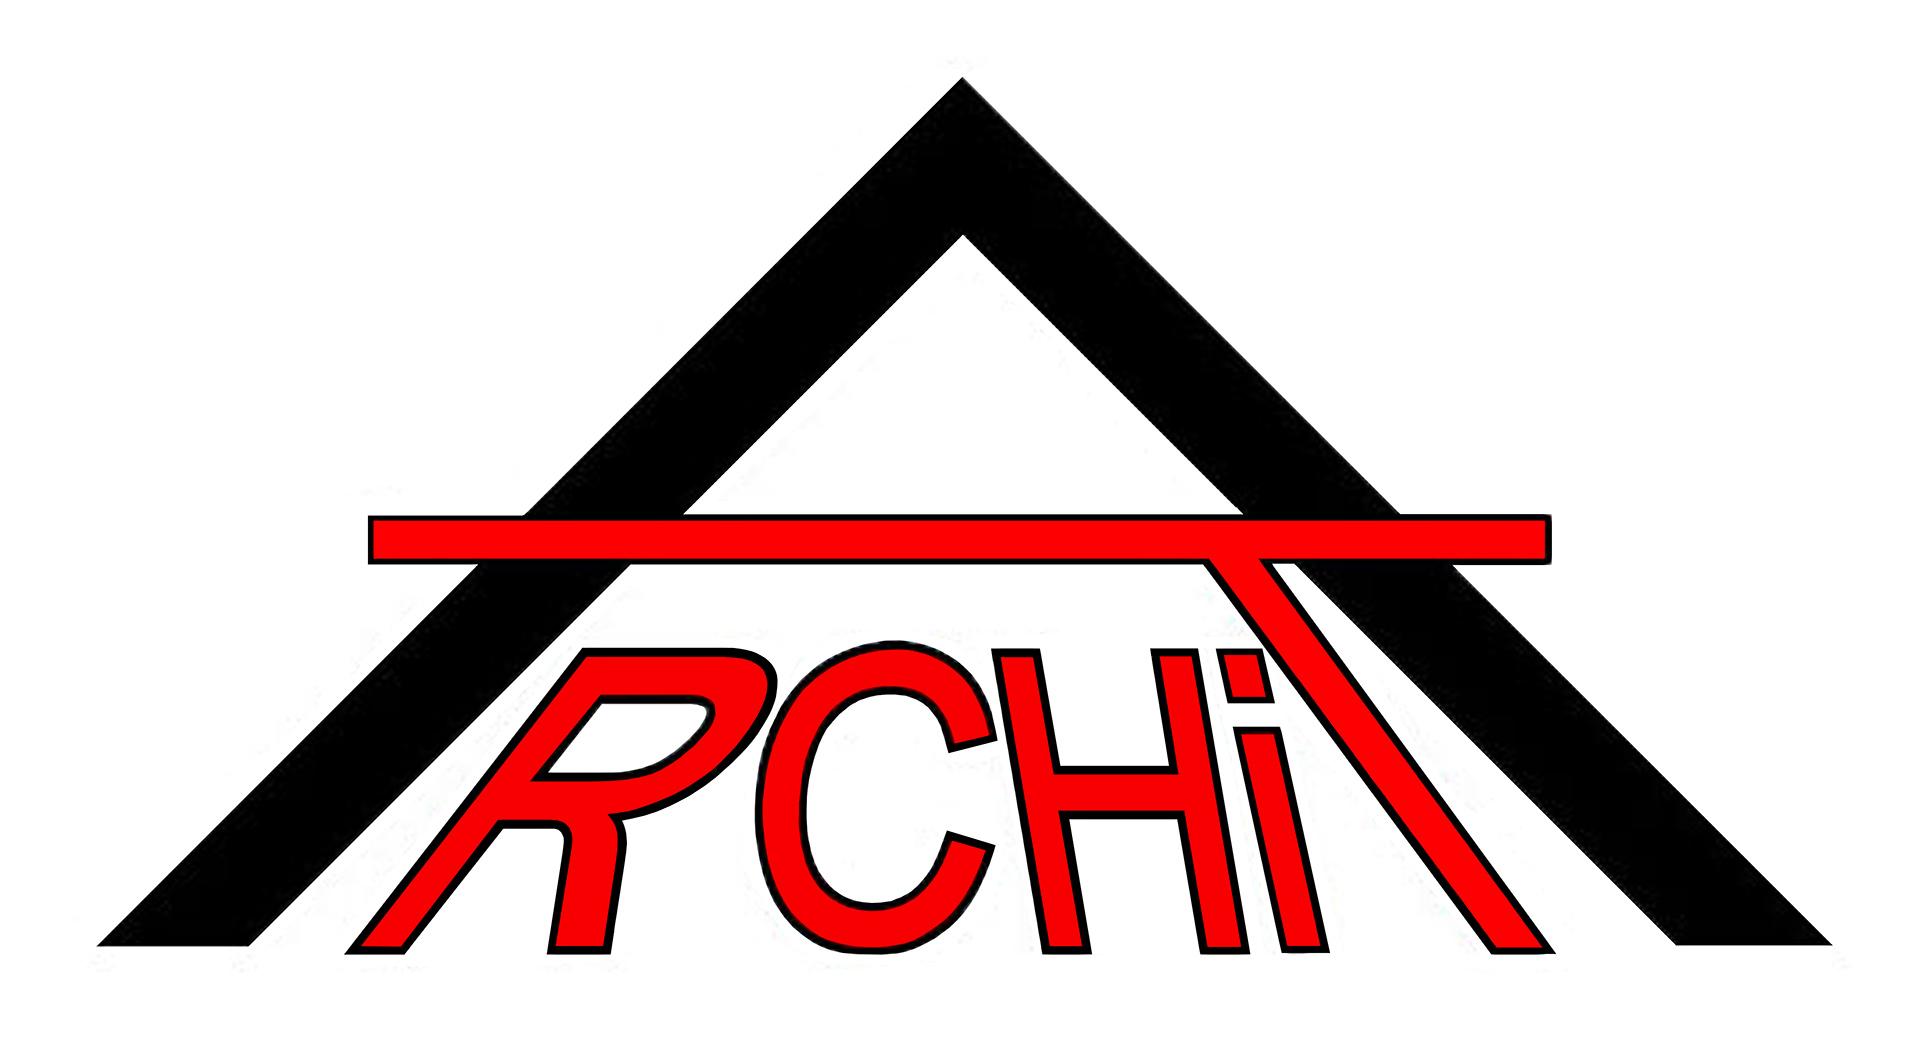 Archit logo